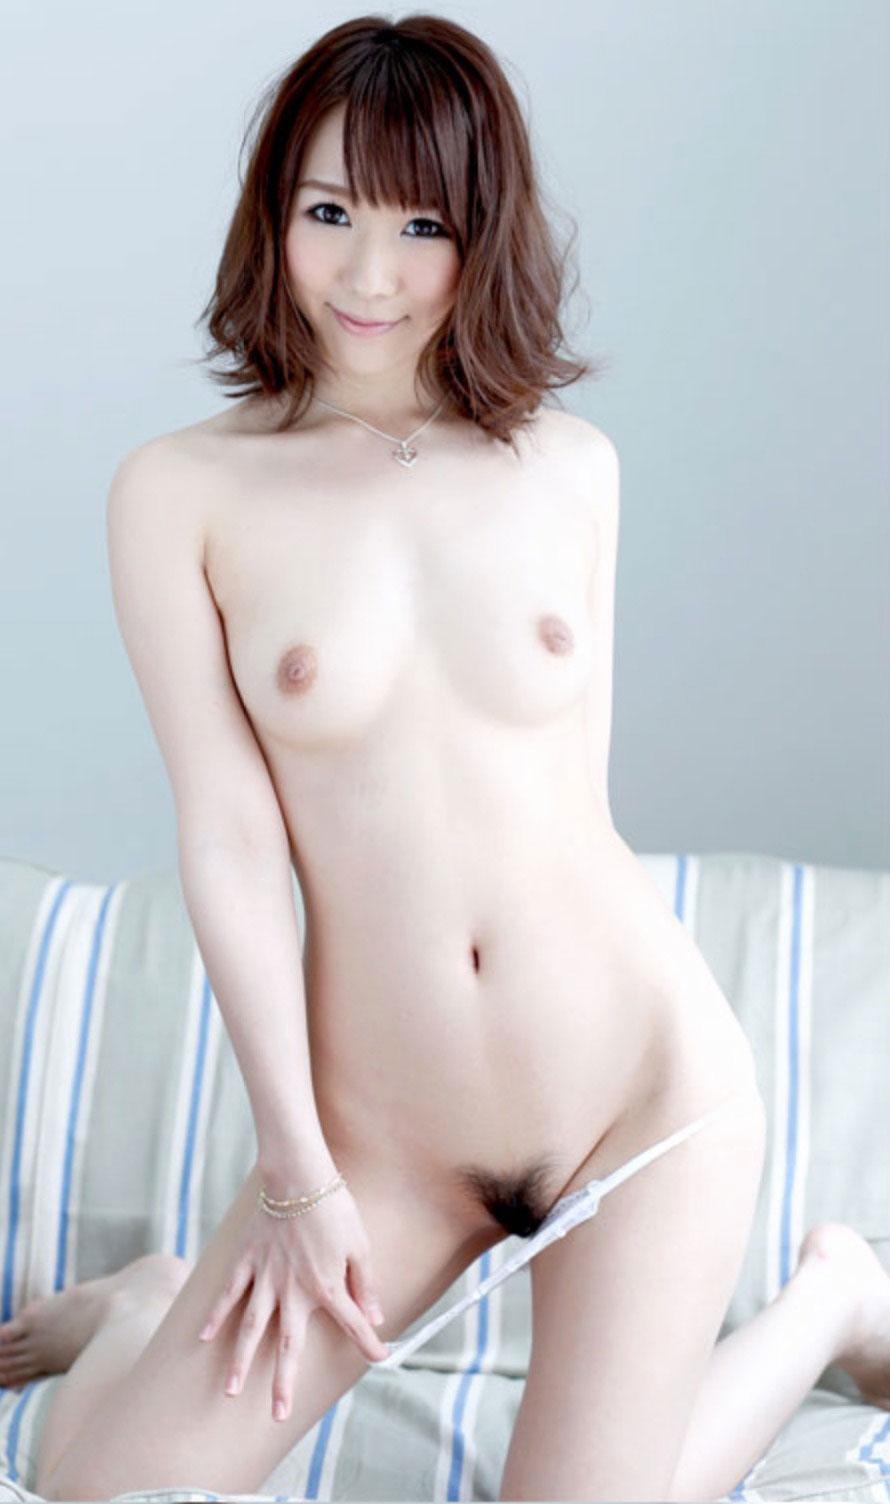 【美少女エロ画像】守りたくもあり汚したくもある可愛い子の抜けるエロ画像まとめ!